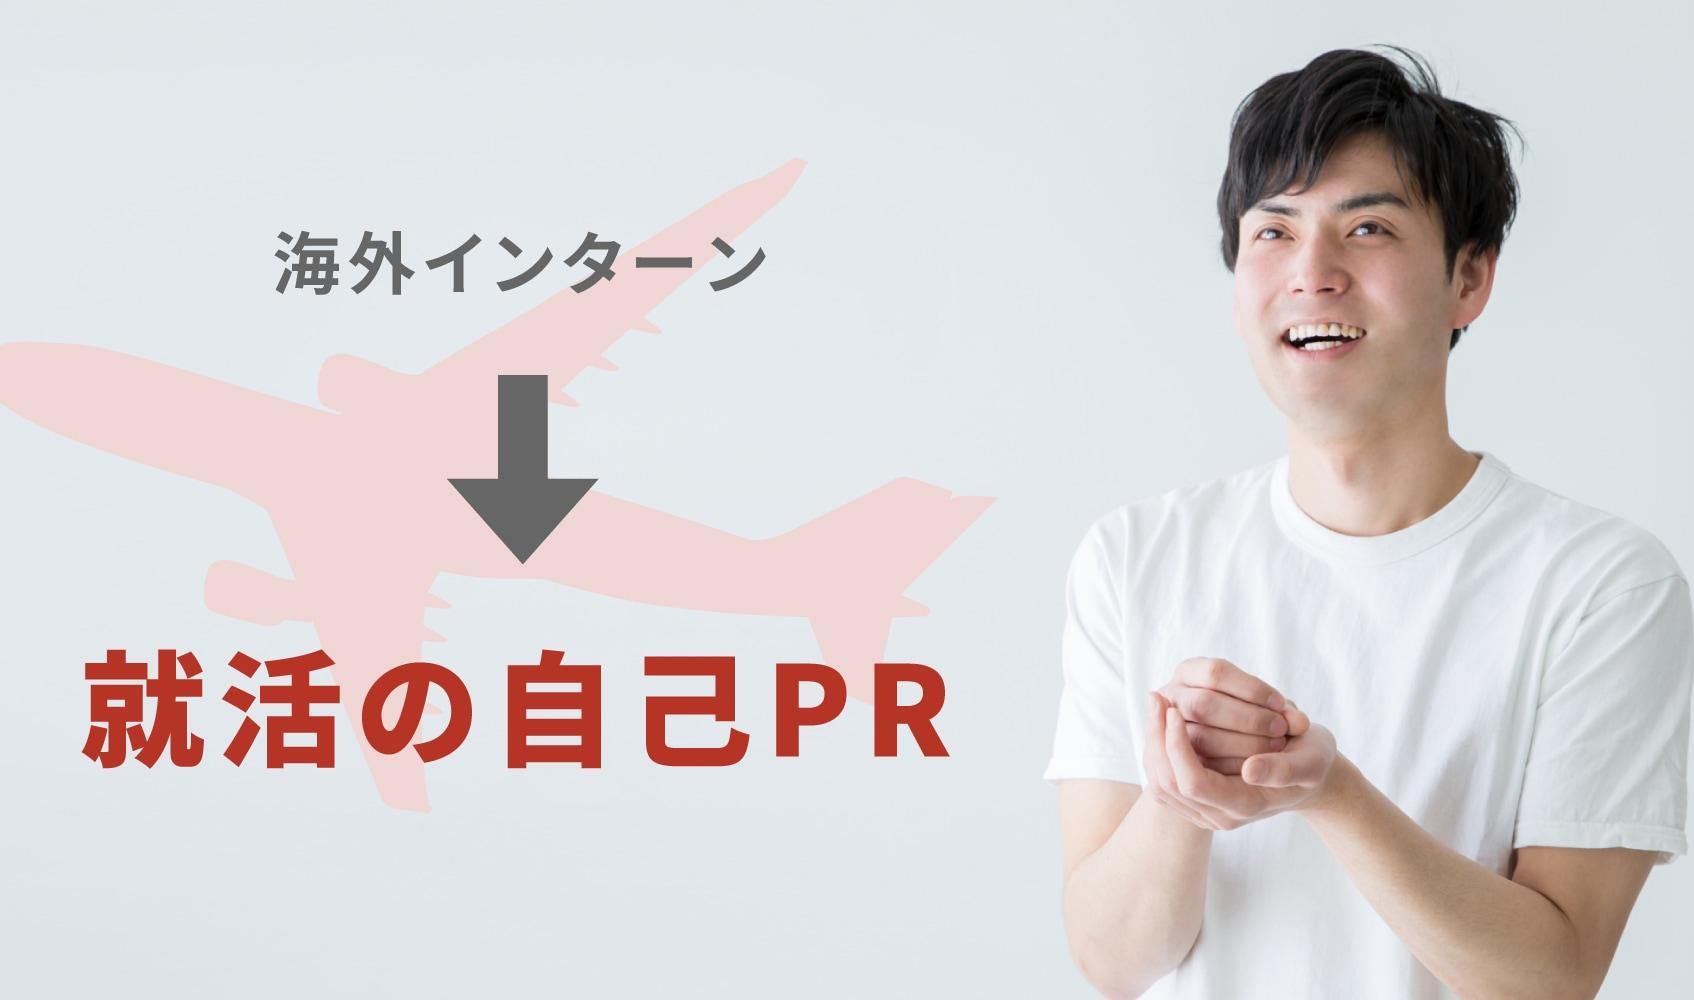 海外インターン→就活の自己PR